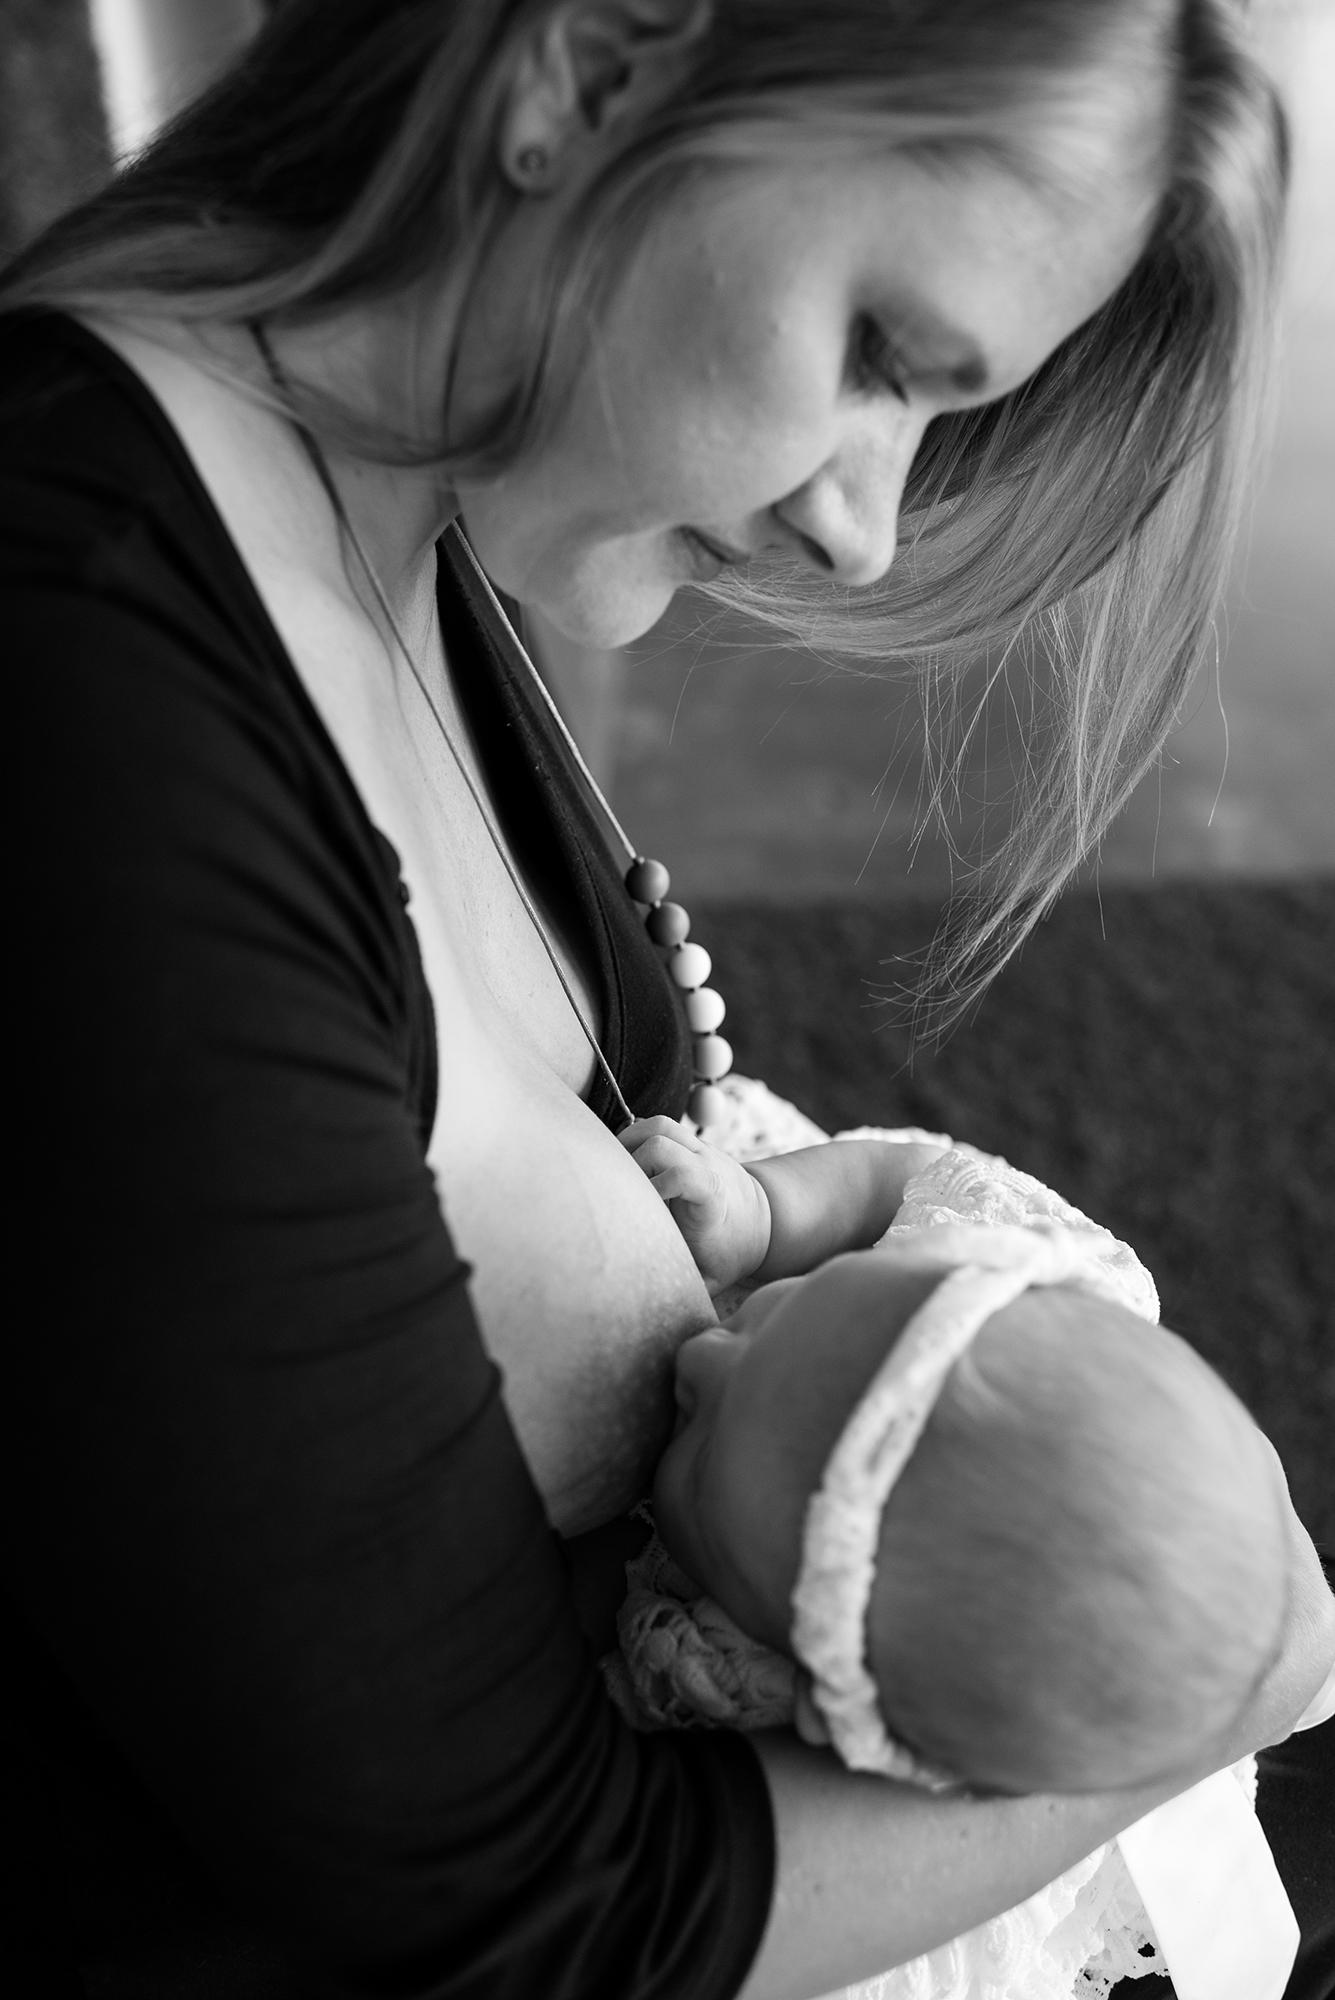 Bettina & Beatrix, 4.5 months